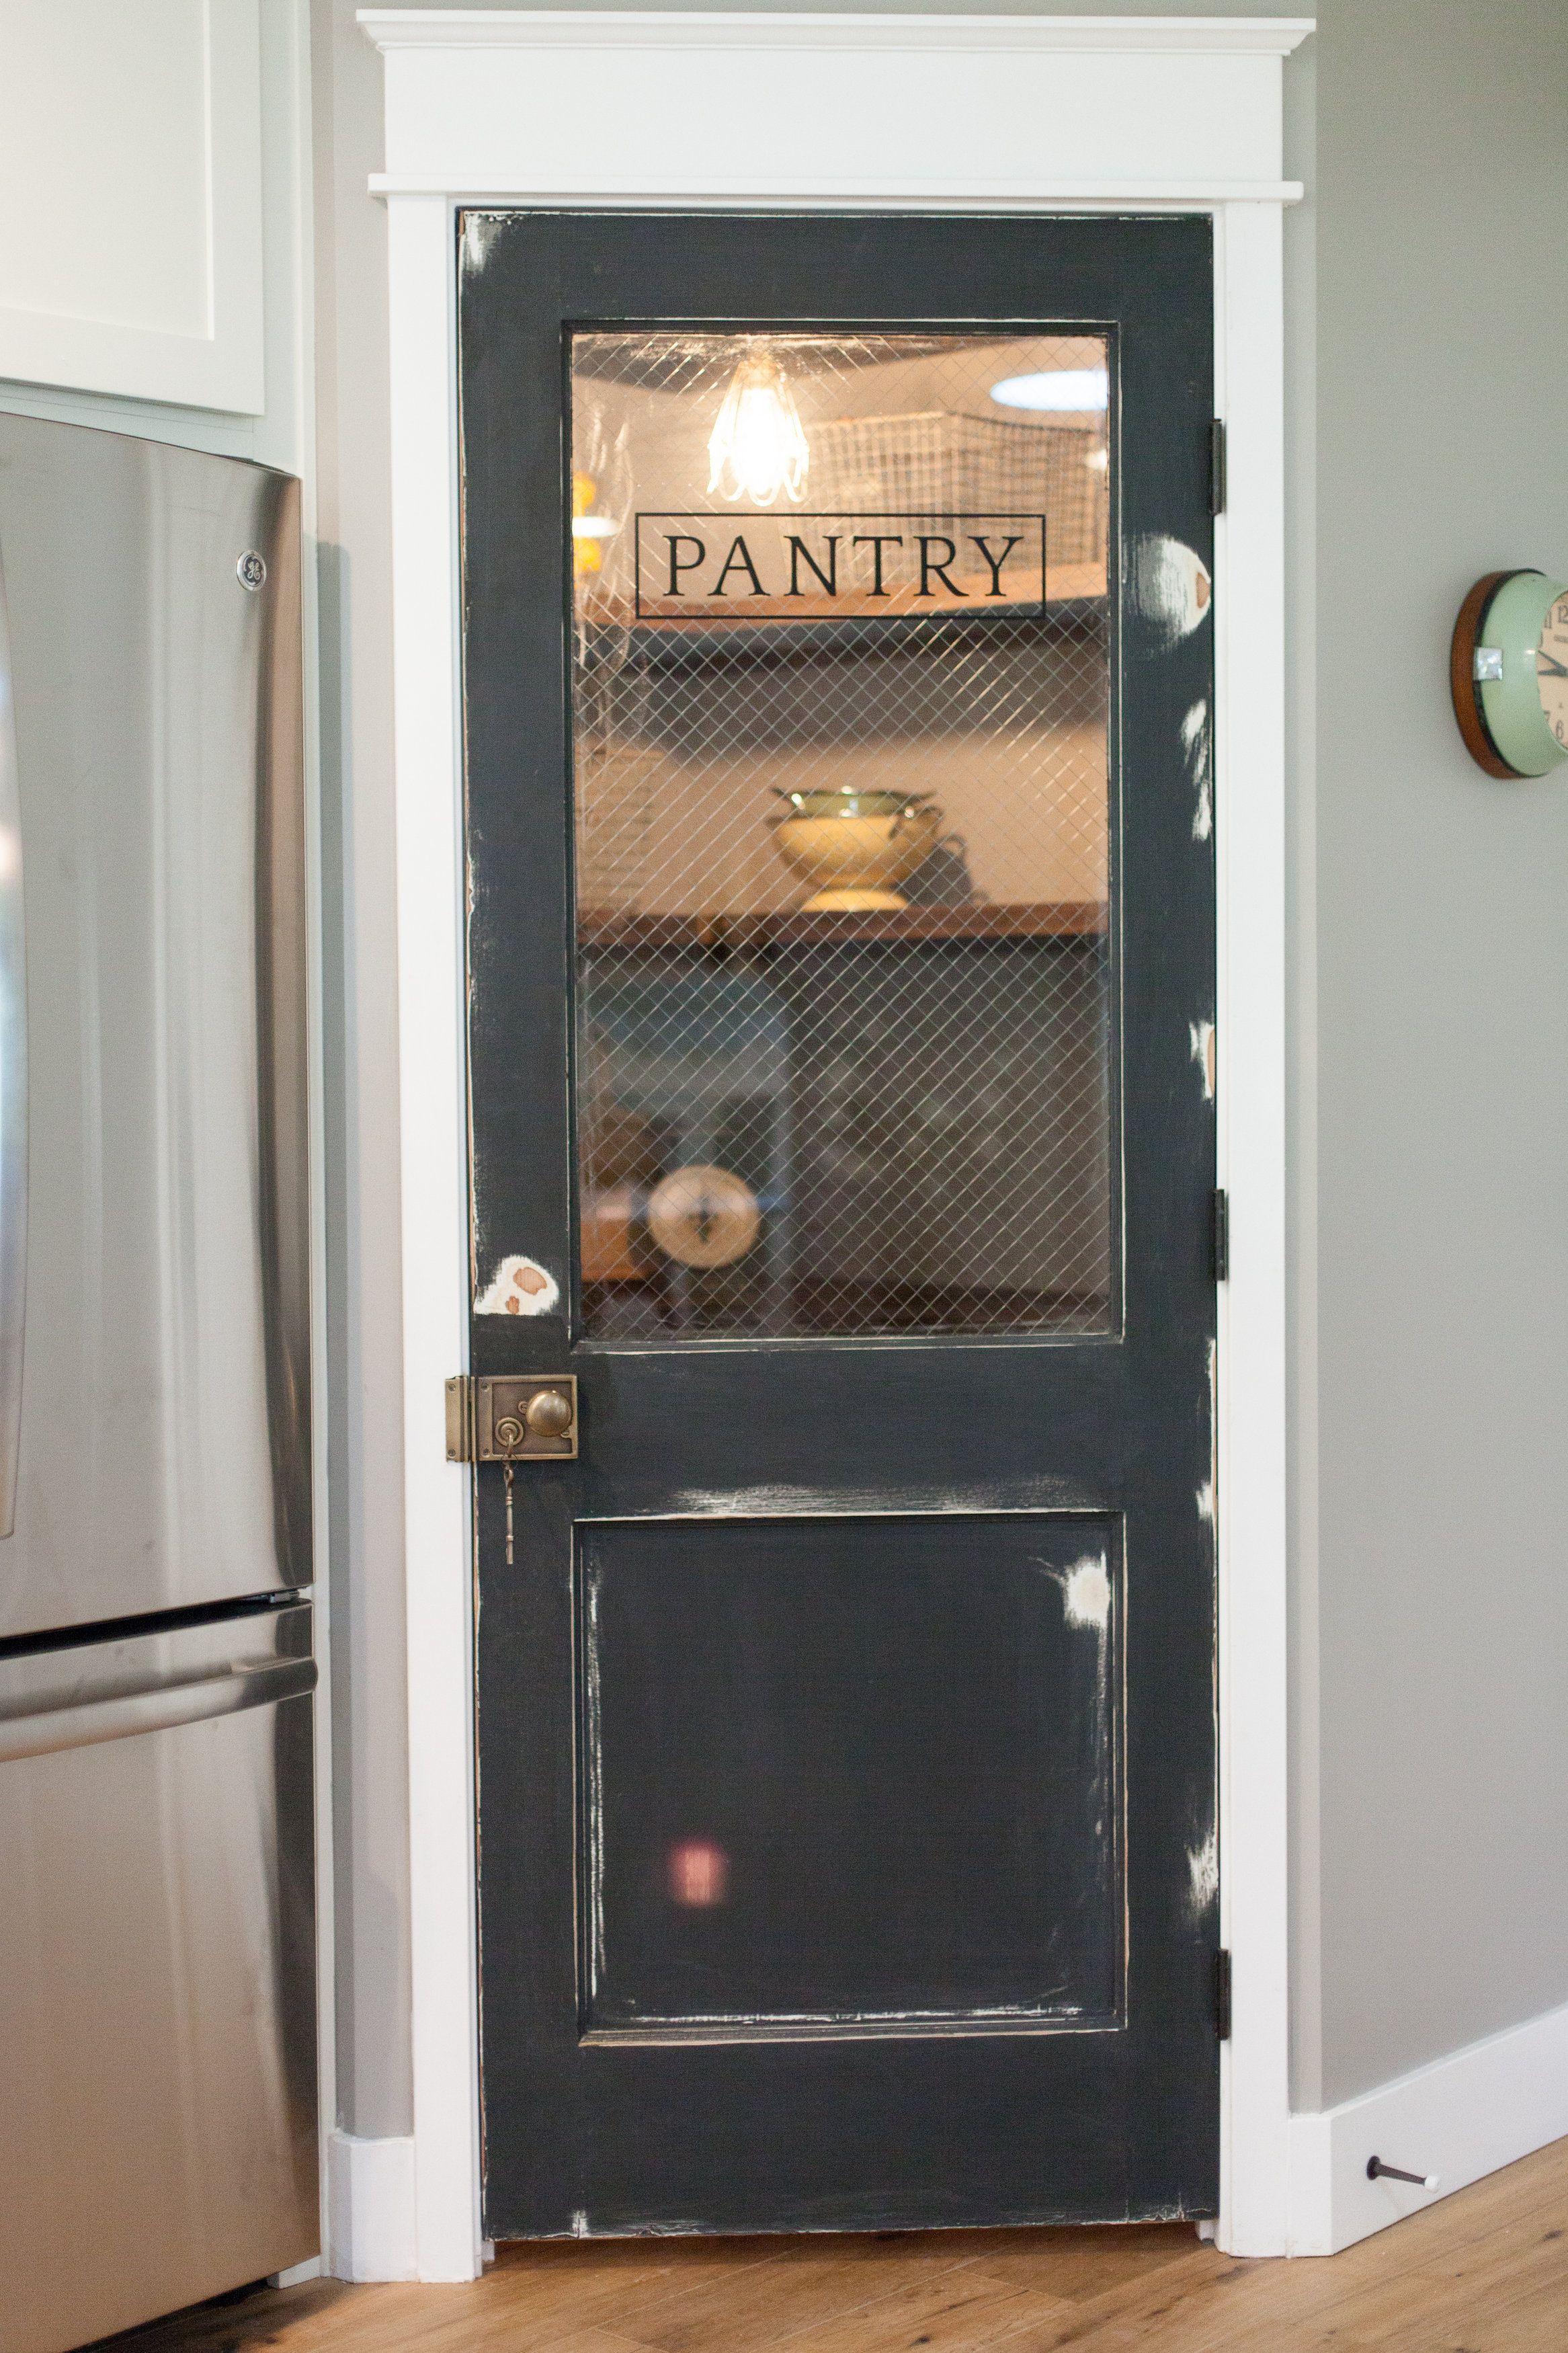 Pin By Alison Townsend Dear On Texas House Dreams Vintage Pantry Vintage Doors Repurposed Vintage Door